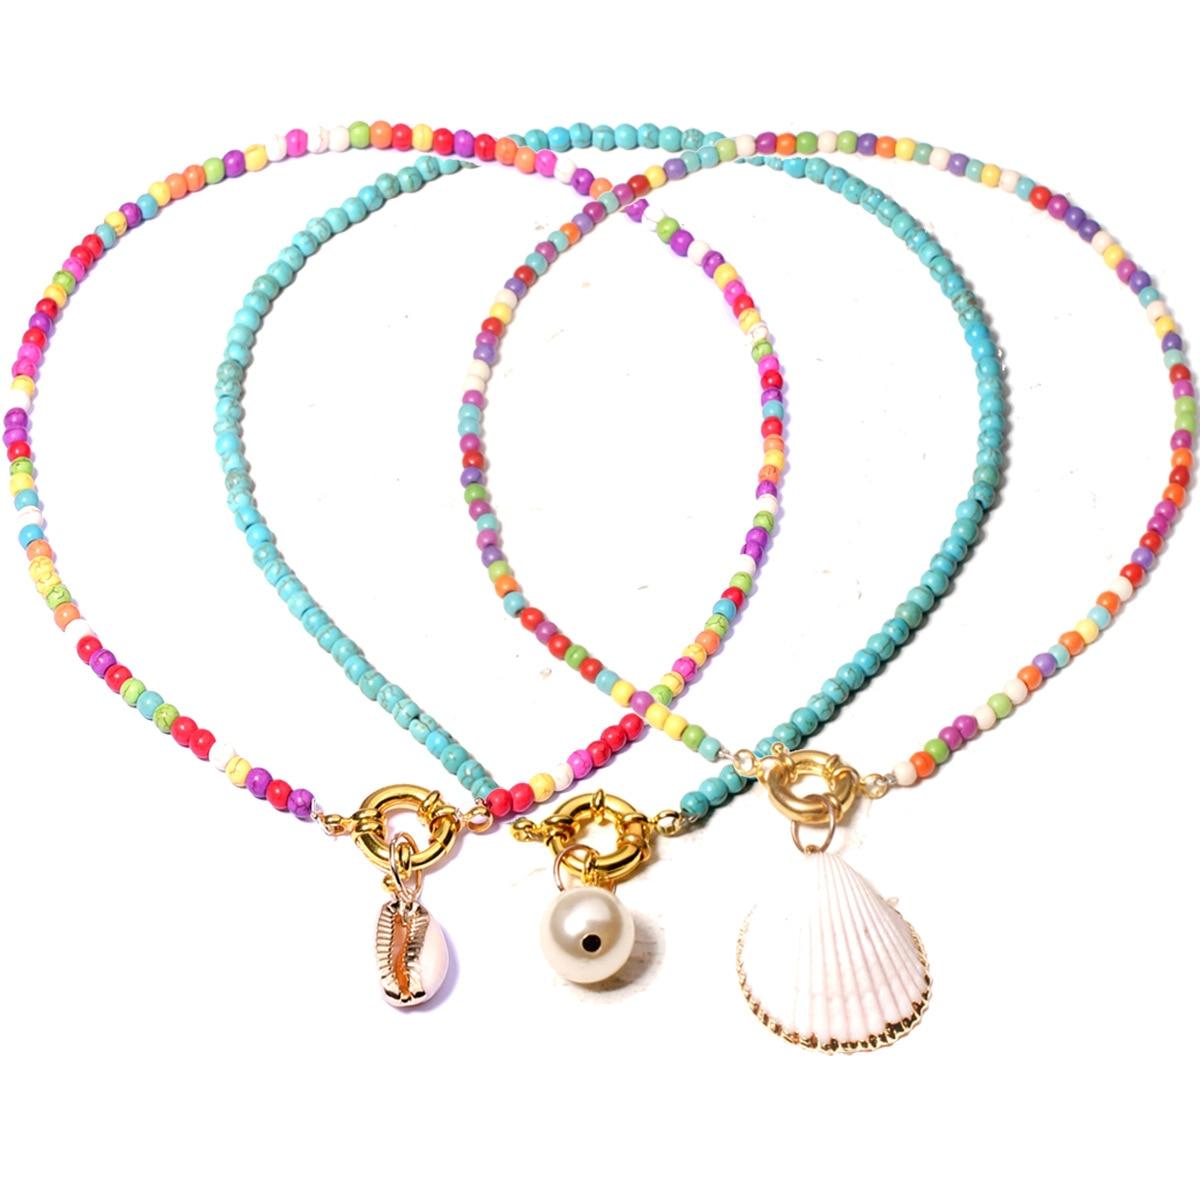 Женский чокер с разноцветными бусинами, модное золотистое богемное летнее колье с жемчужинами и ракушками, 2020